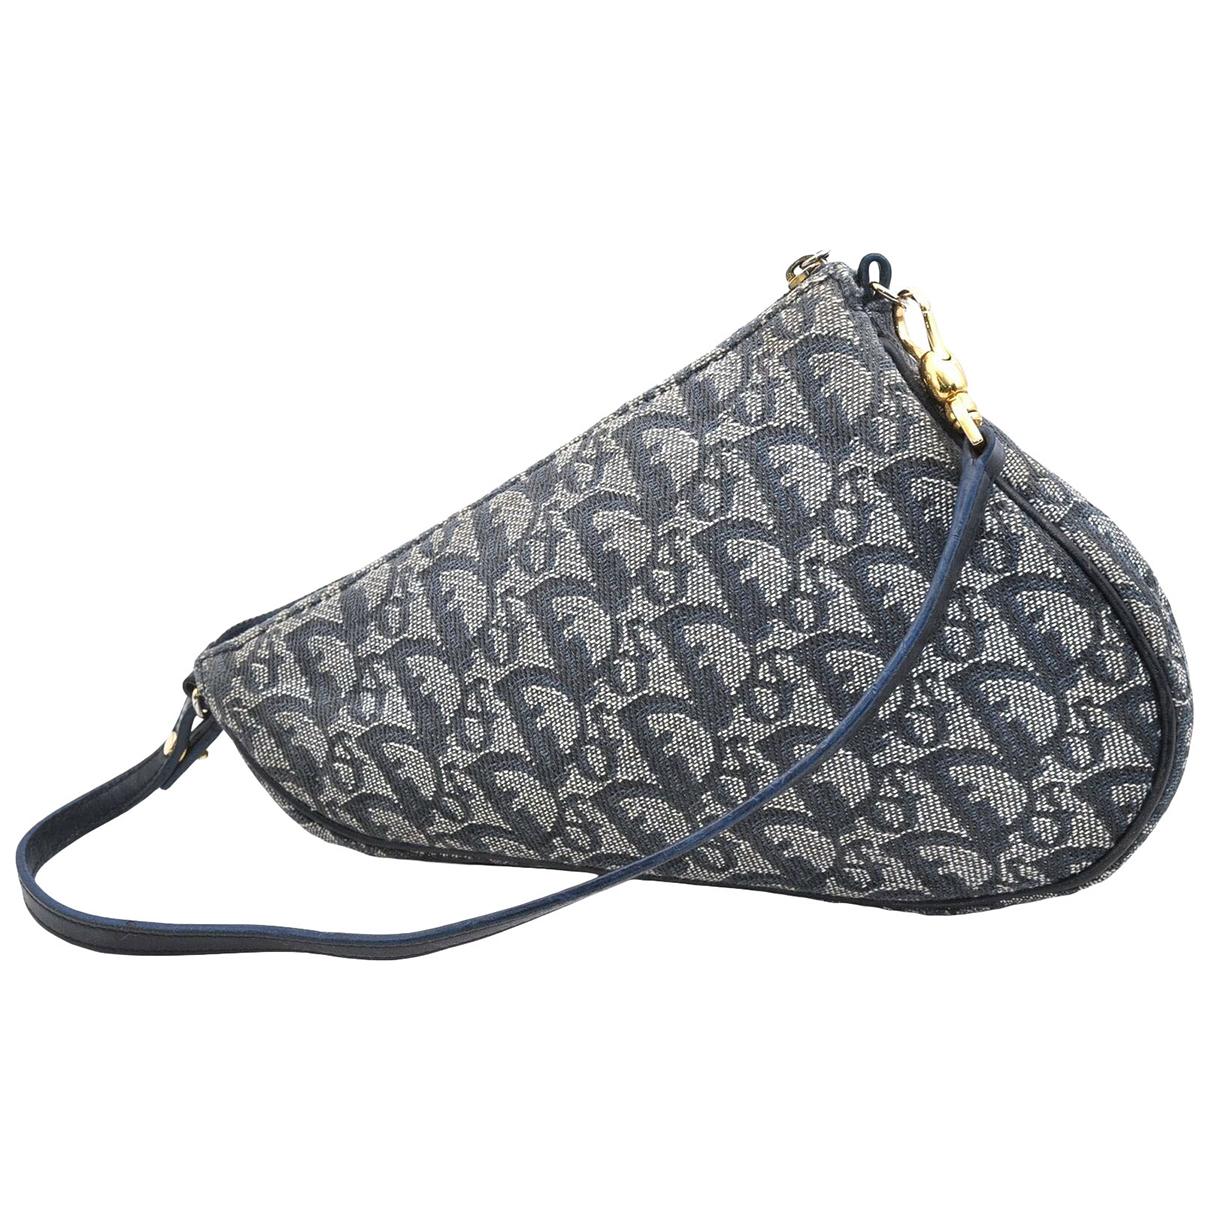 Marroquineria de Lona Dior